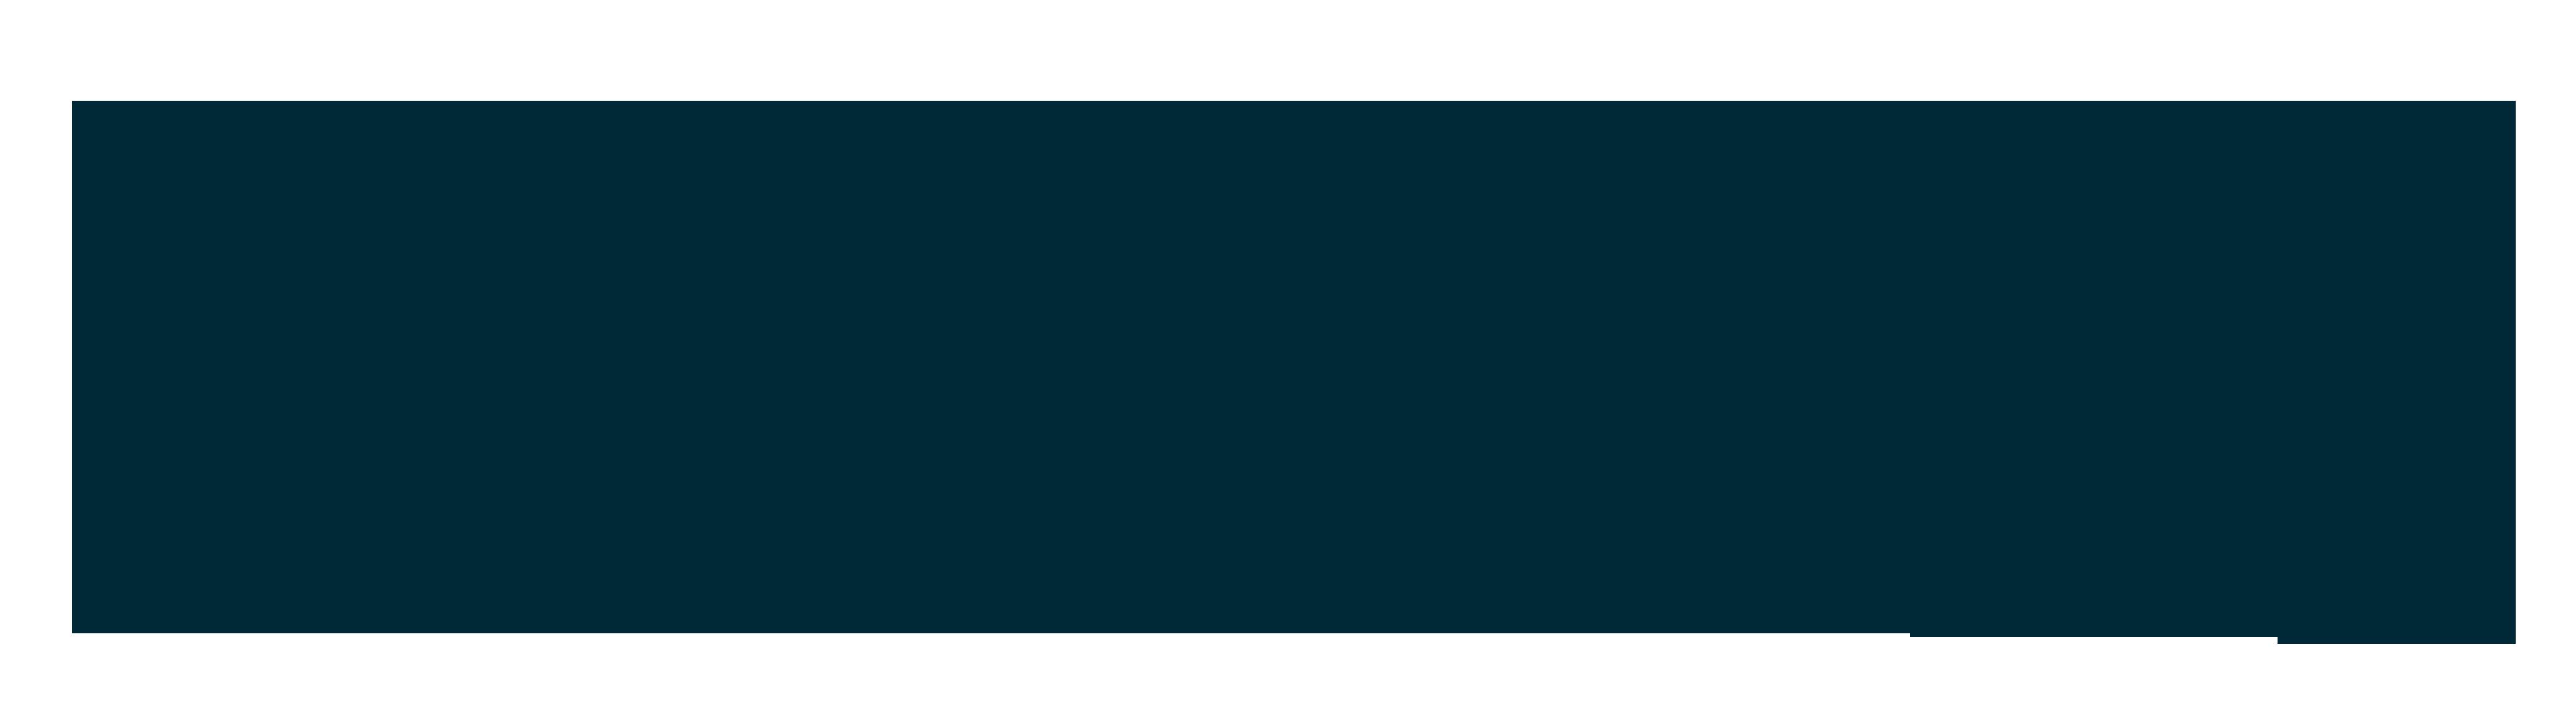 GTM Zone